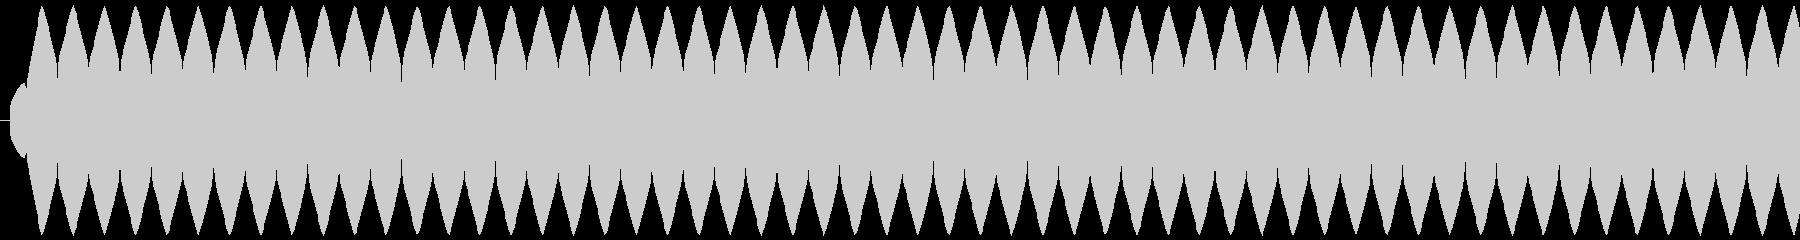 ゲージ増減 得点などの集計 ティィィィ…の未再生の波形